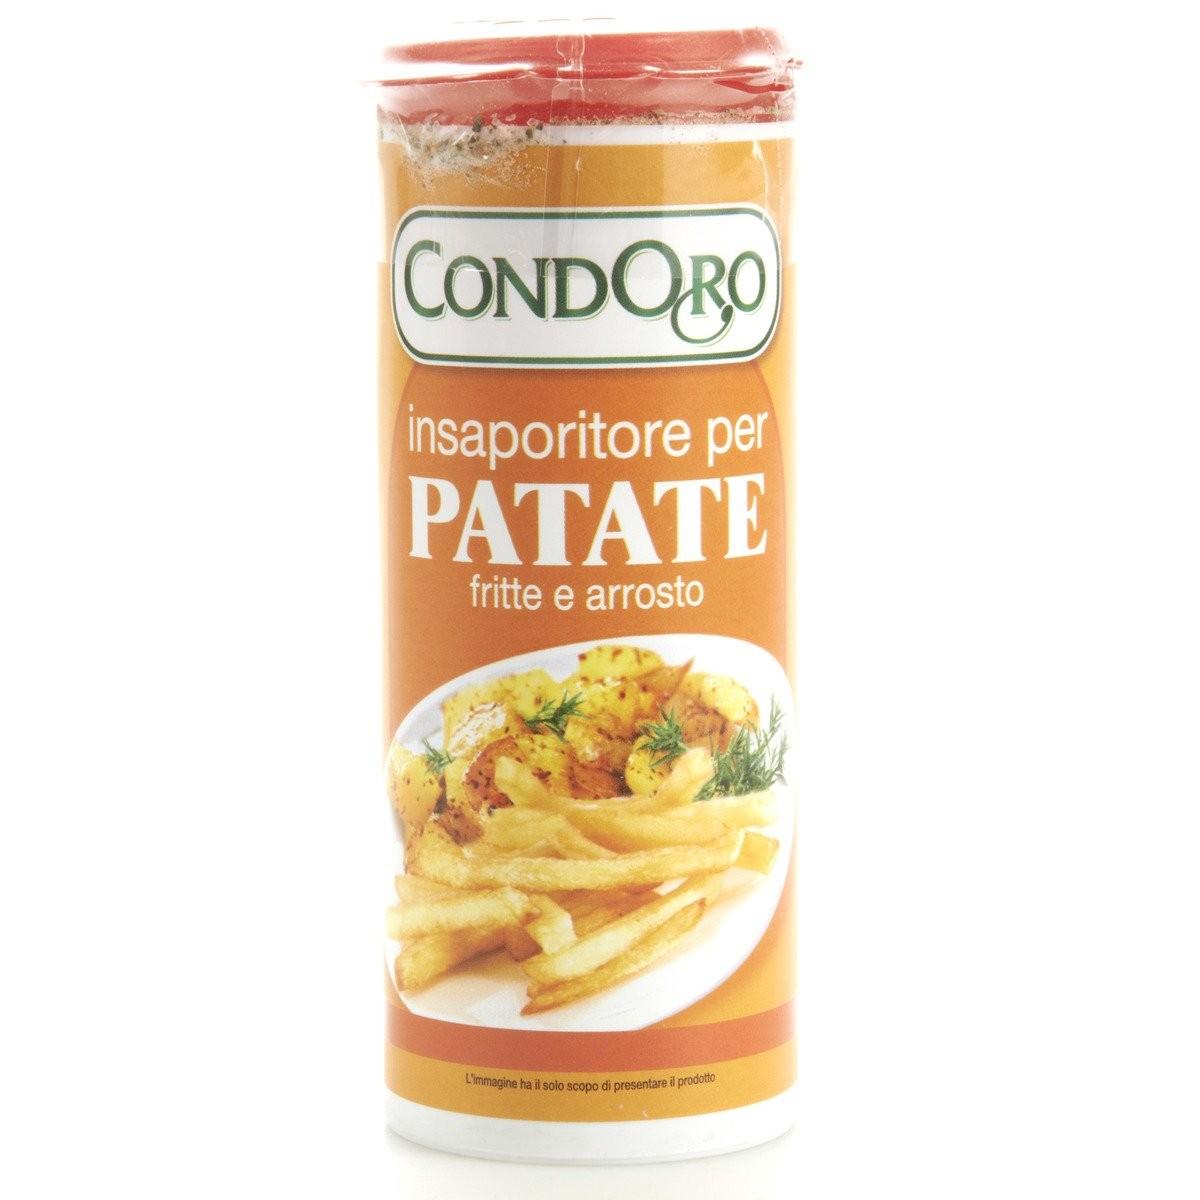 Condoro Insaporitore per patate